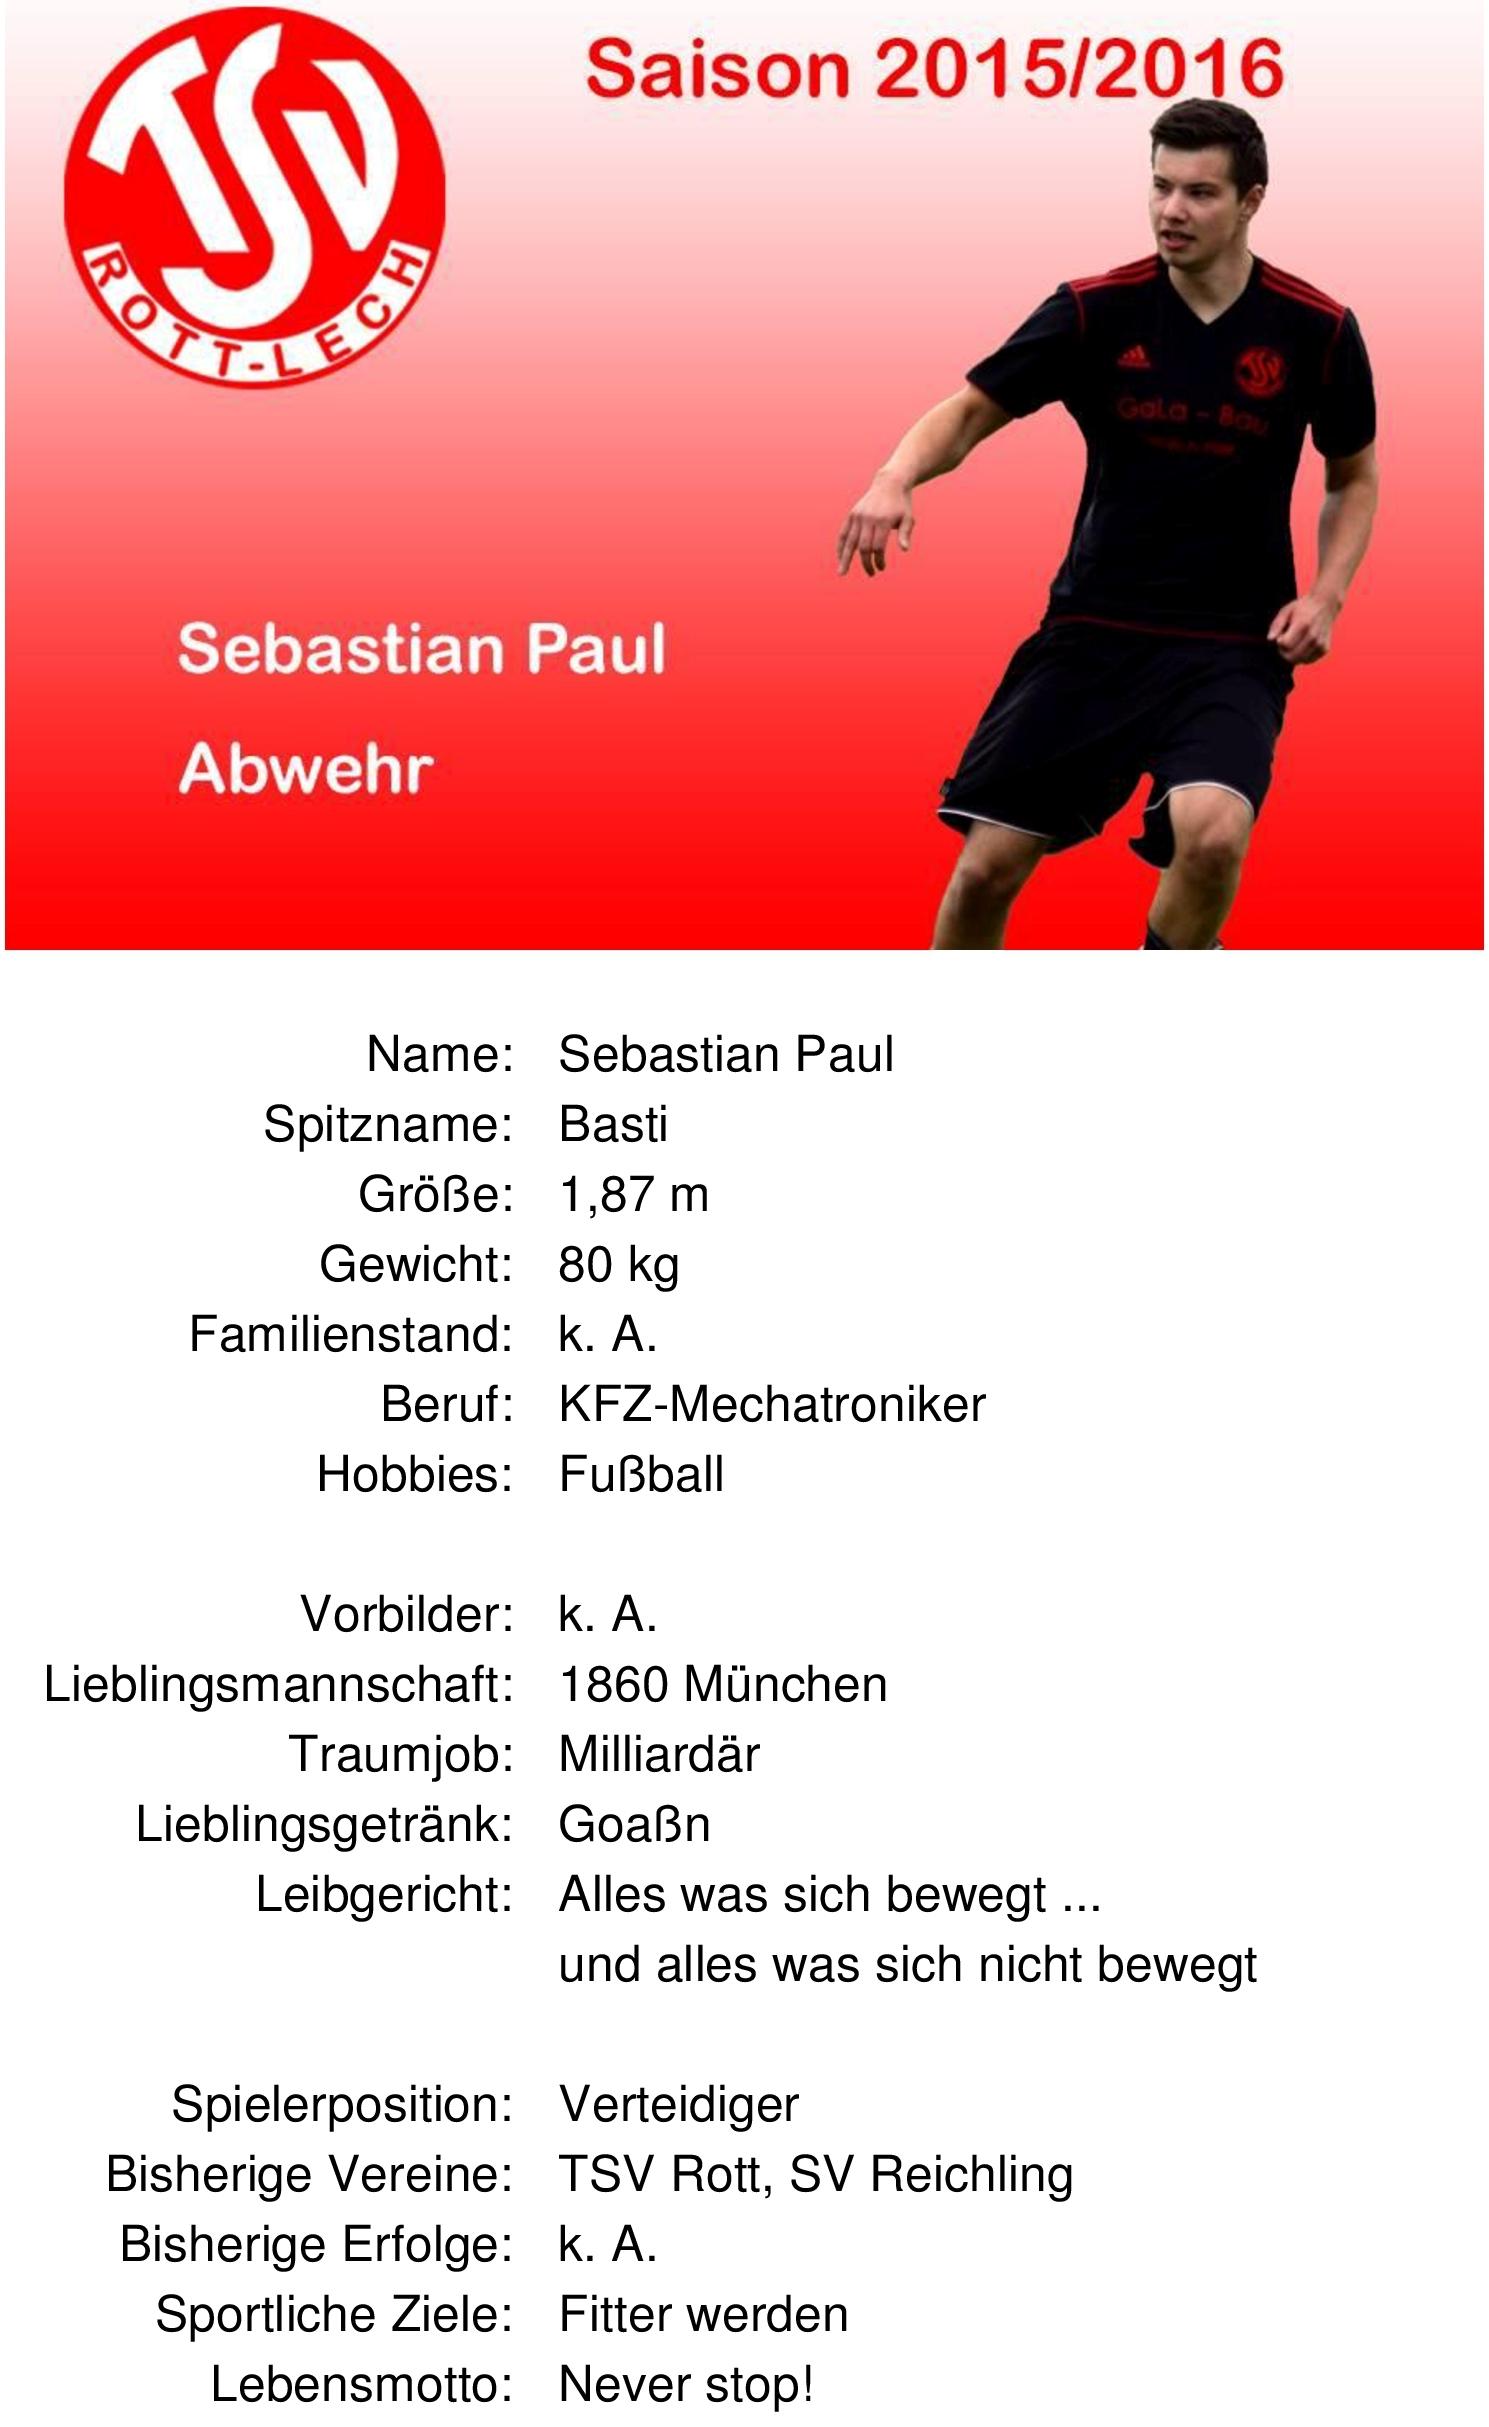 Paul_Sebastian